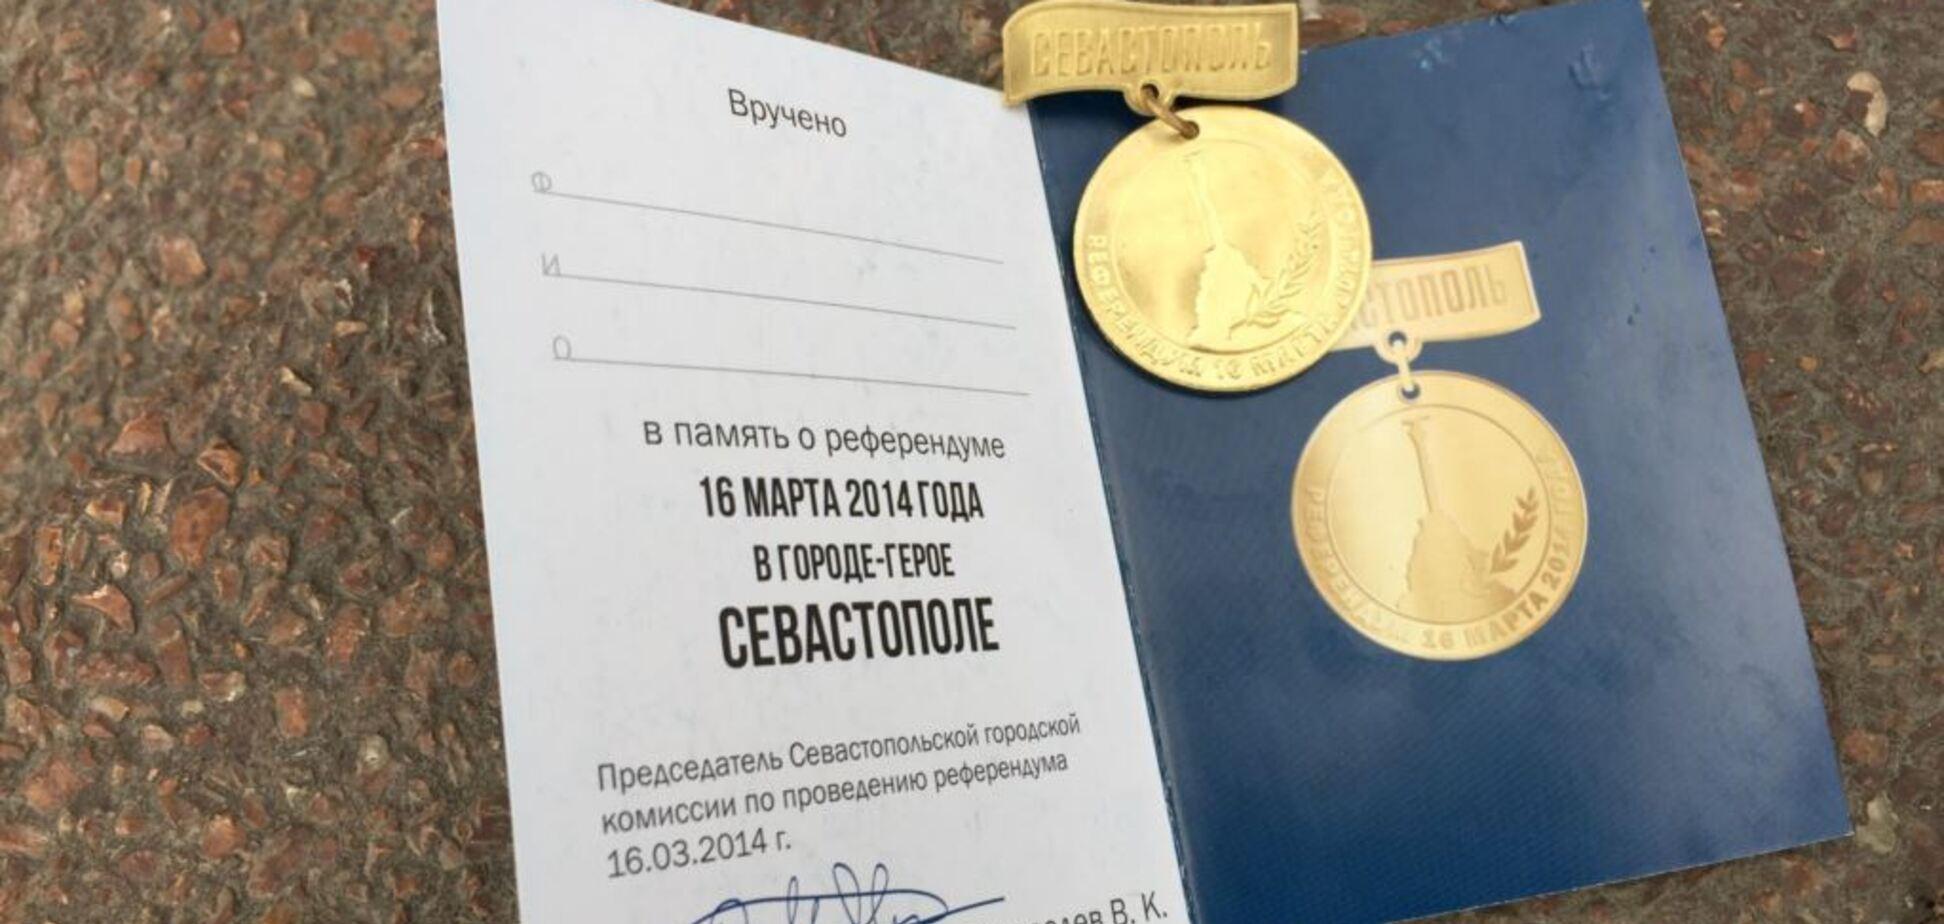 В Крыму проголосовавшим на 'выборах Путина' дают медали